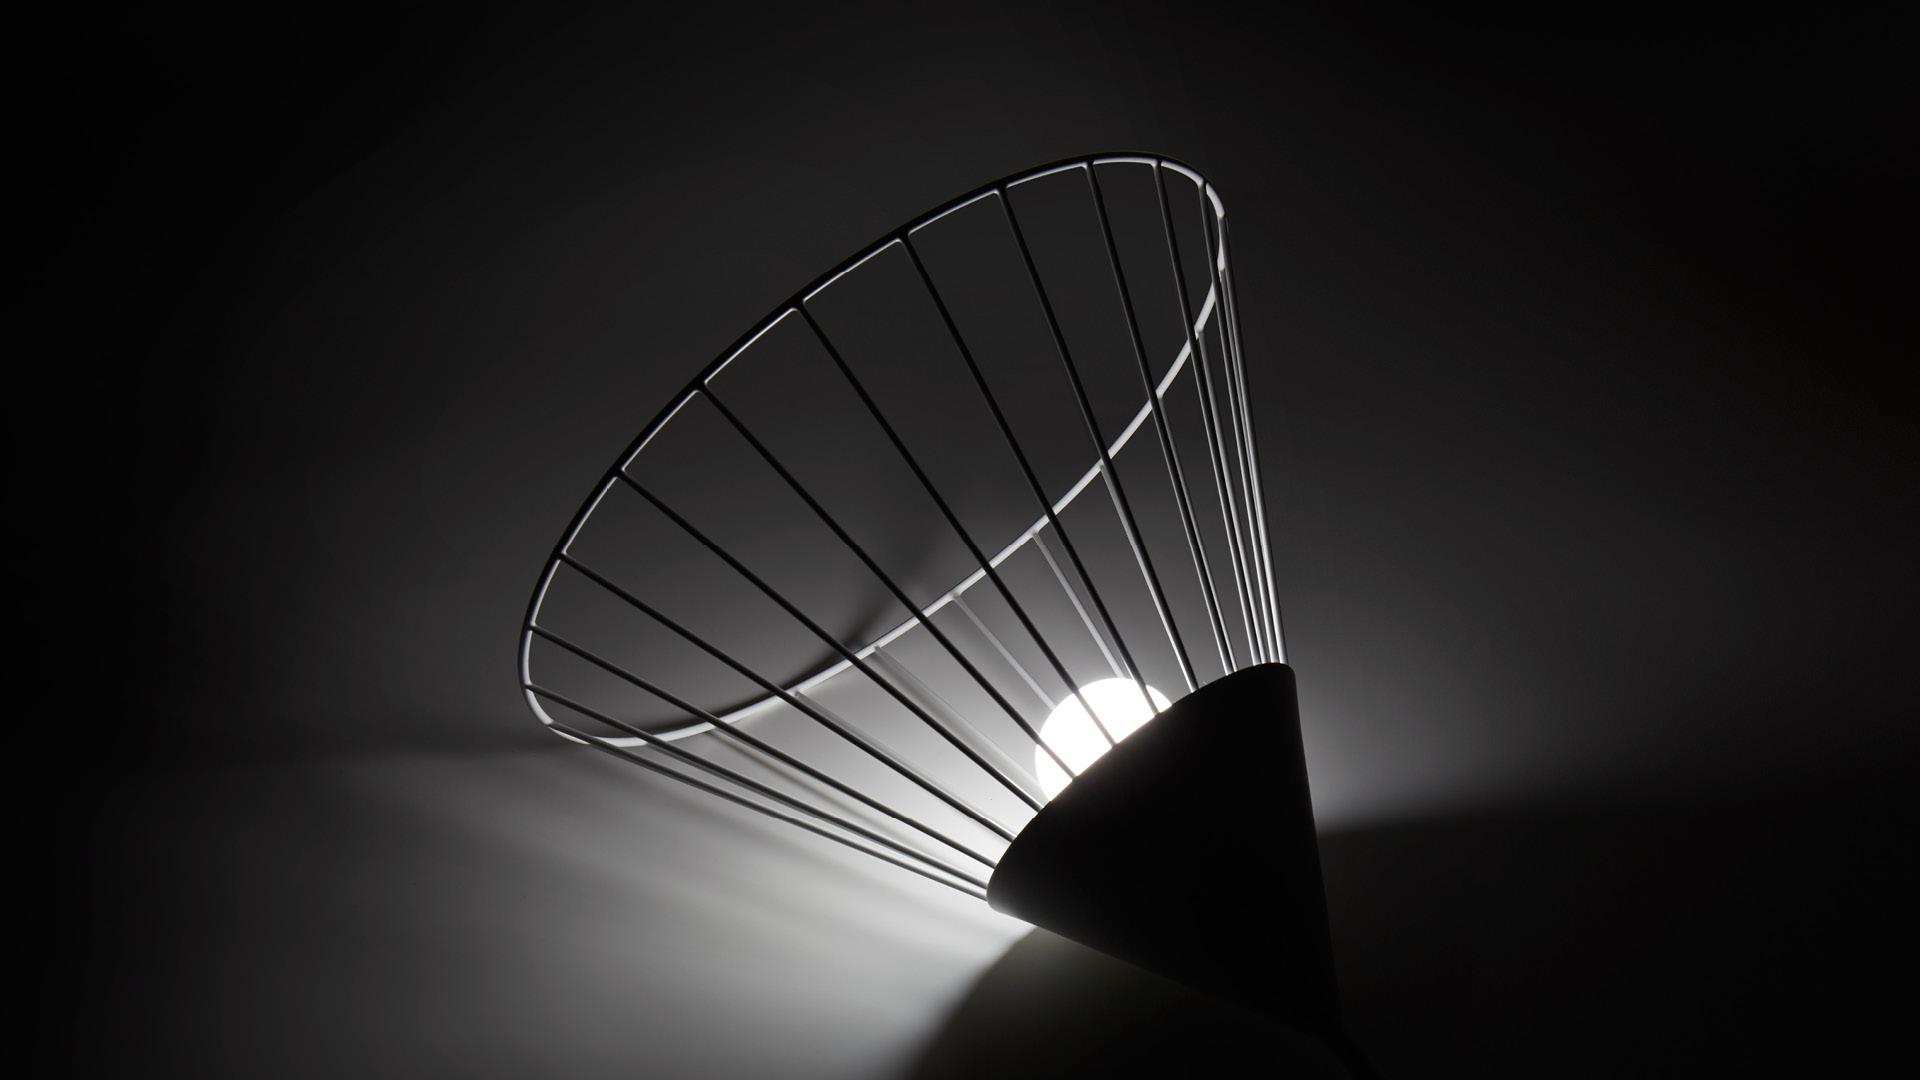 通透的A字形舞裙灯架,将光源柔软散开,不夺目,不轻慢,给静谧之夜的一道温柔倩影,静候每一个回家的人。?x-oss-process=image/format,jpg/interlace,1